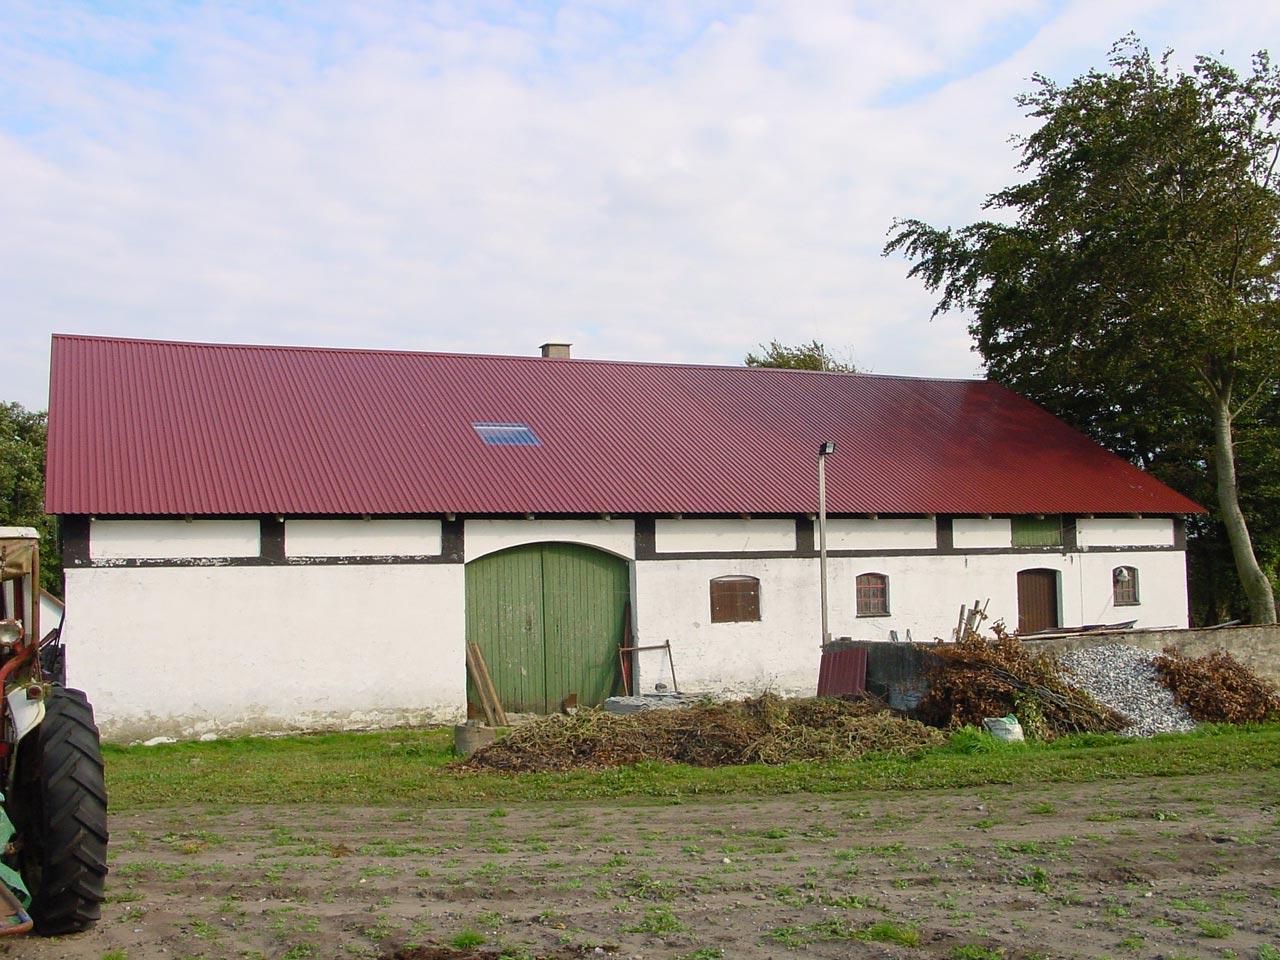 Hallenbau In Der Landwirtschaft Mit Profilblech